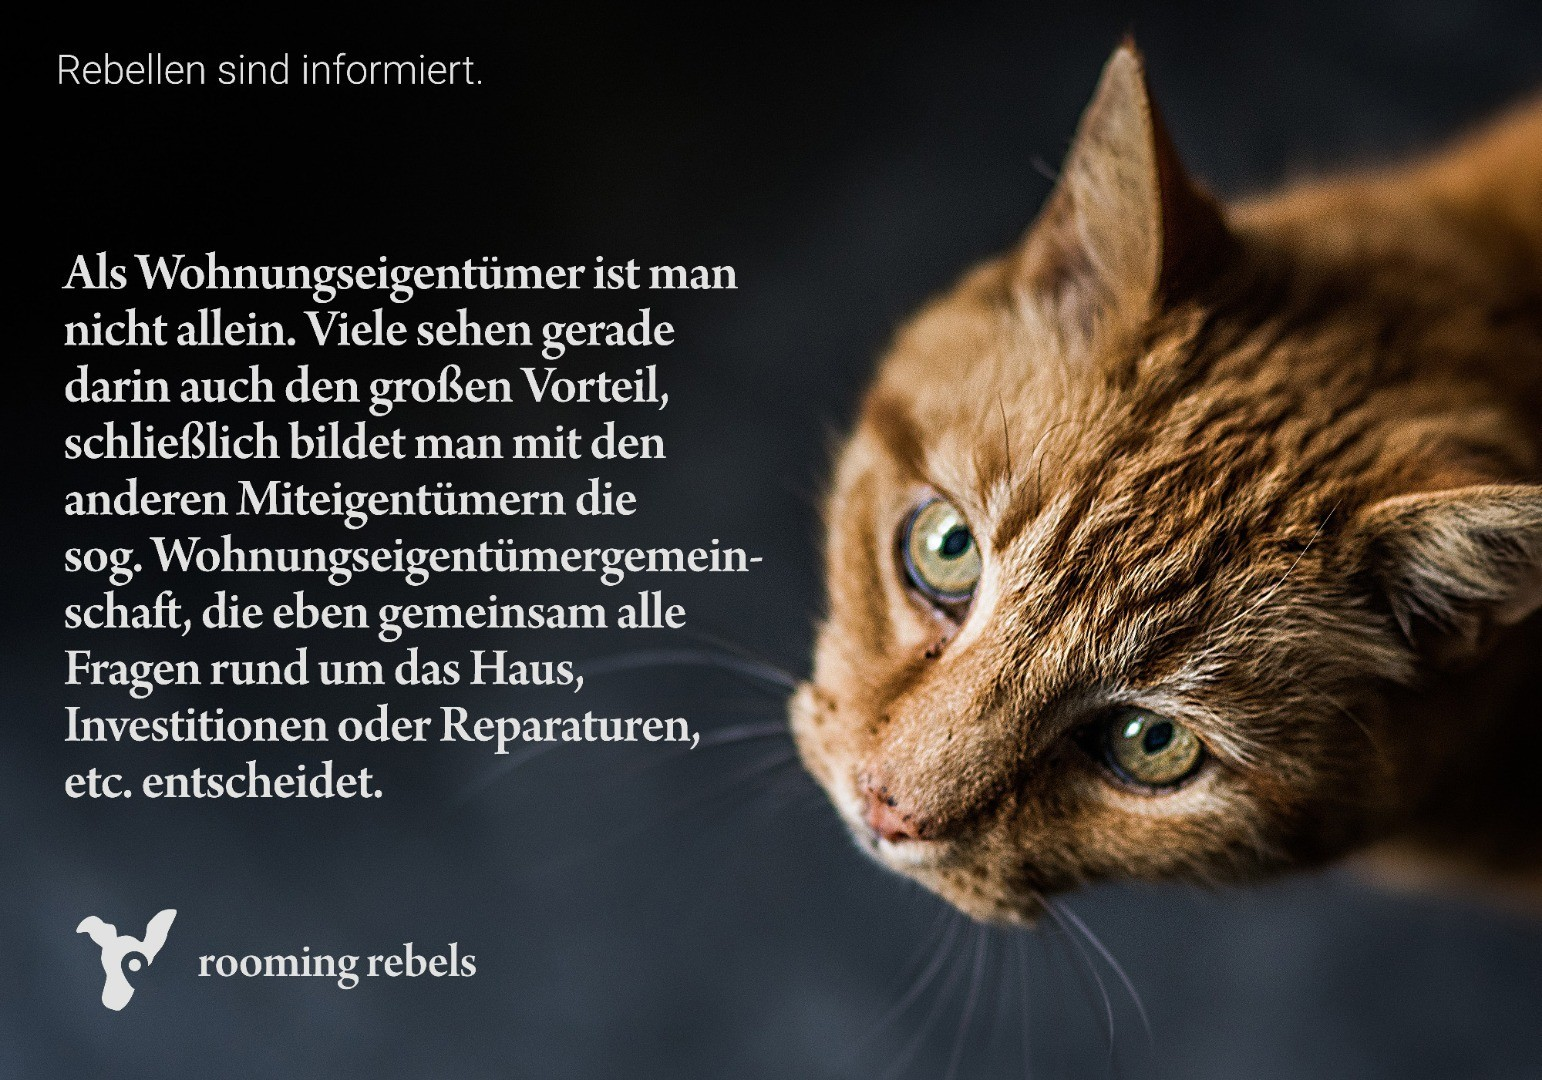 rebellen-sind-informiert_mietrecht_2019.02_c.jpg